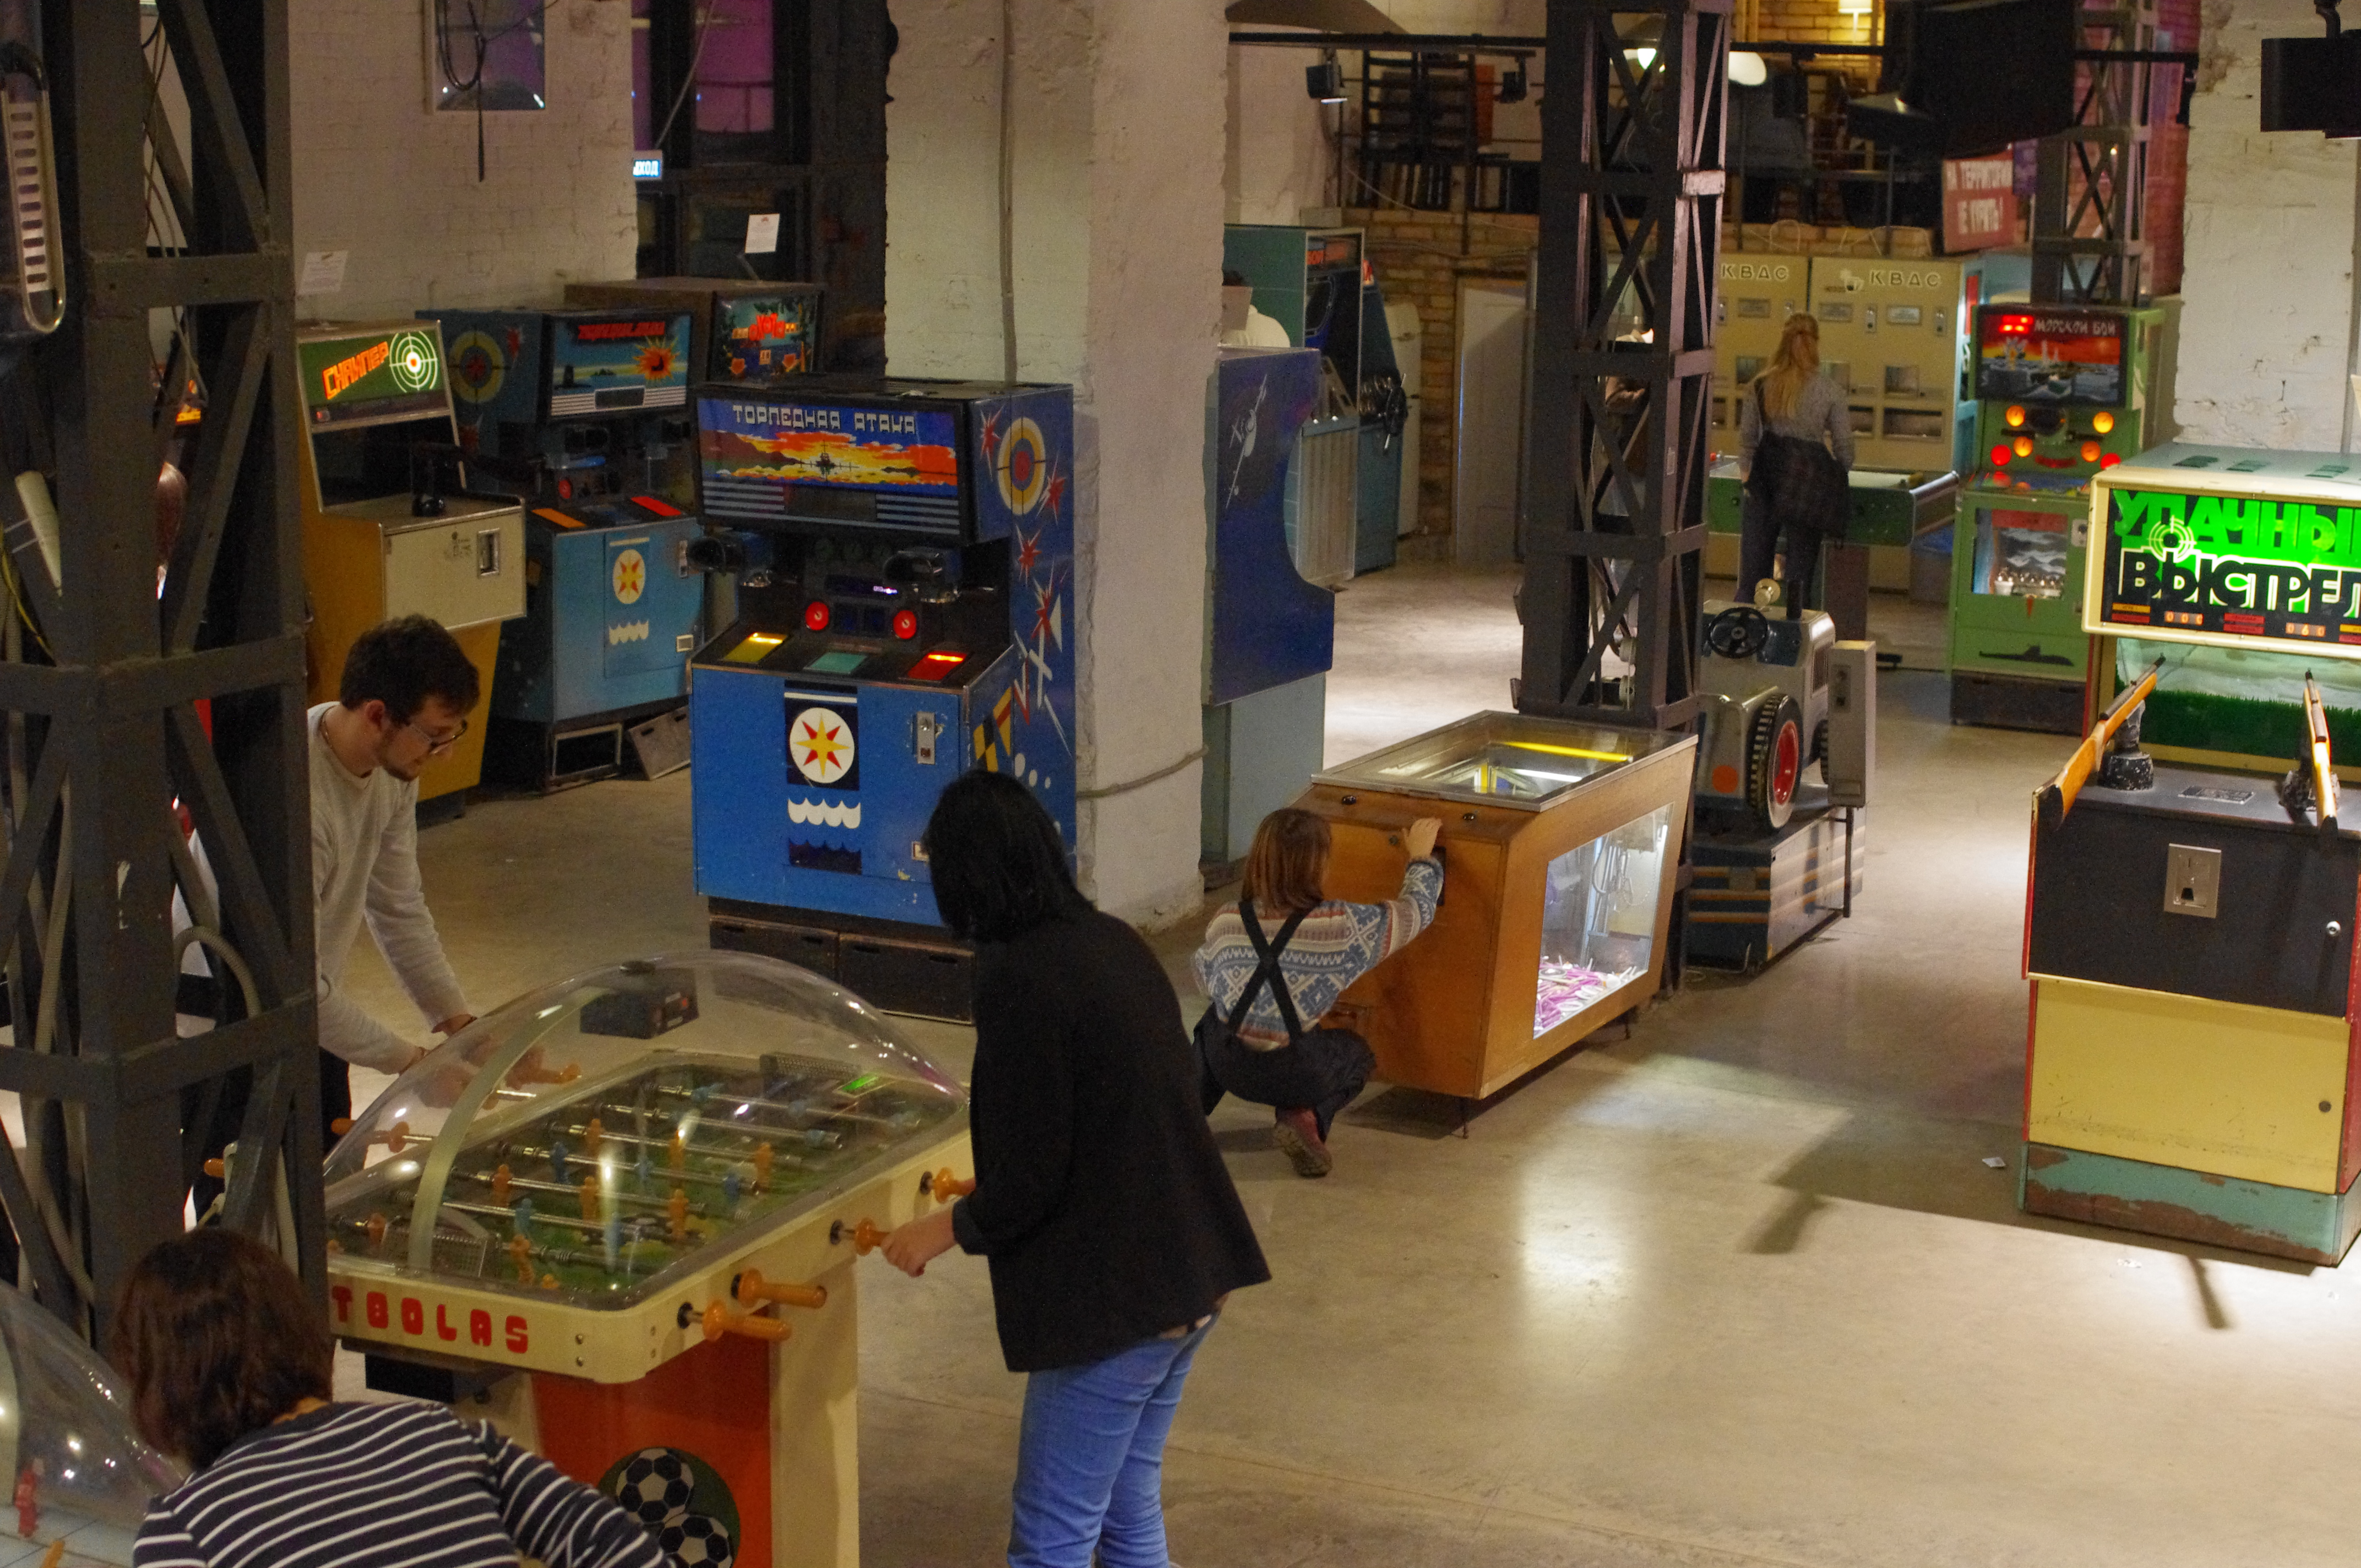 Советские игровые автоматы file.ge не могу бросить играть в игровые автоматы